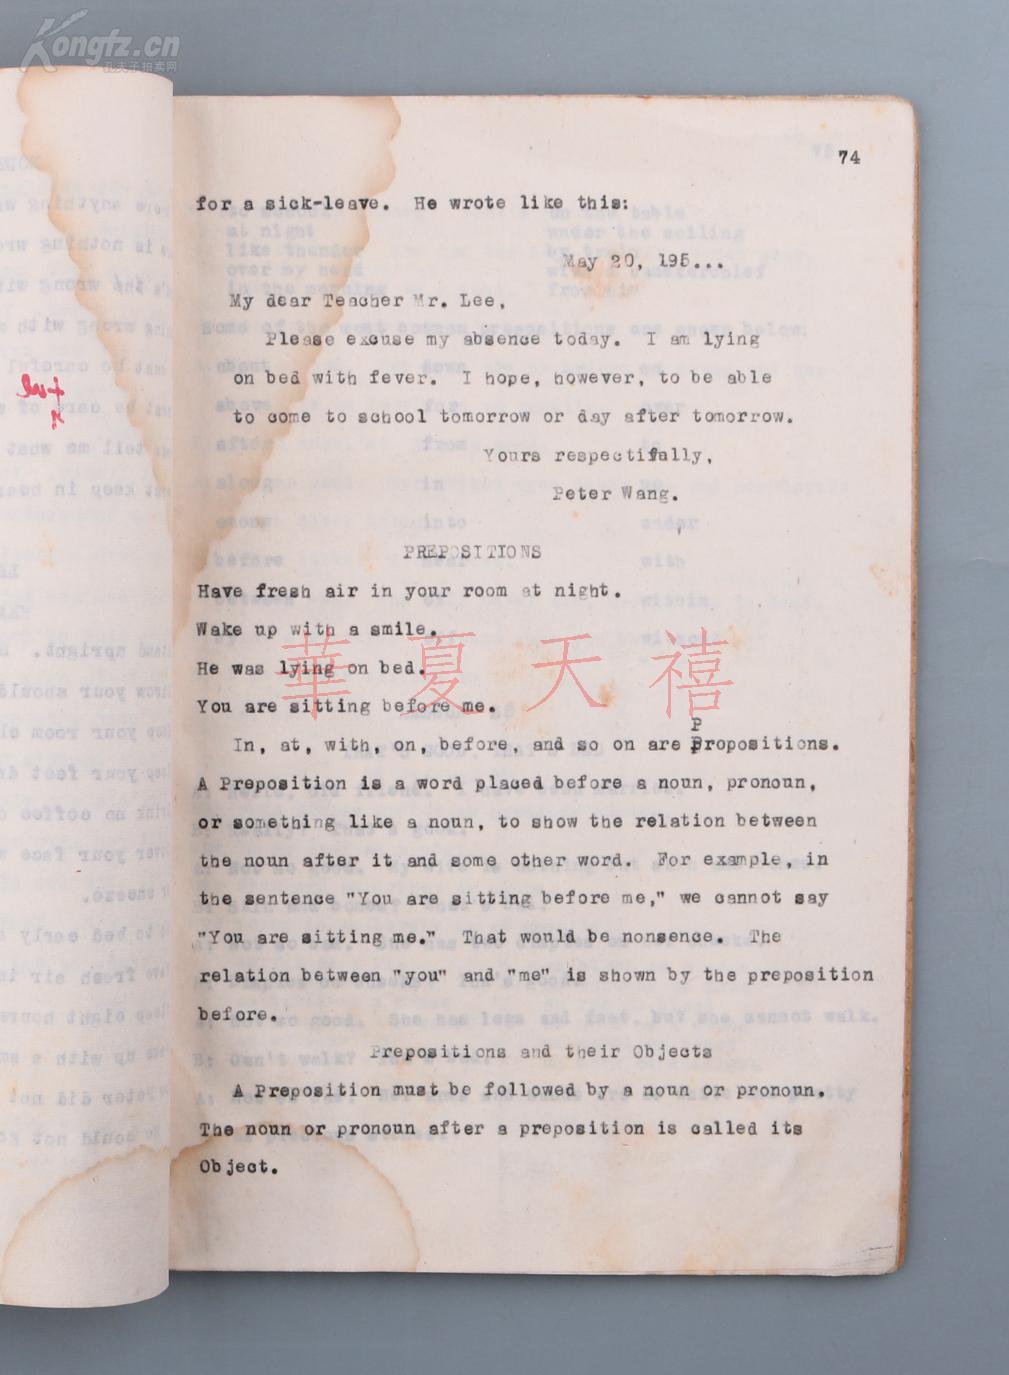 著名教育家、文字学家、历史学家林汉达195可以高考报初中吗证明毕业图片